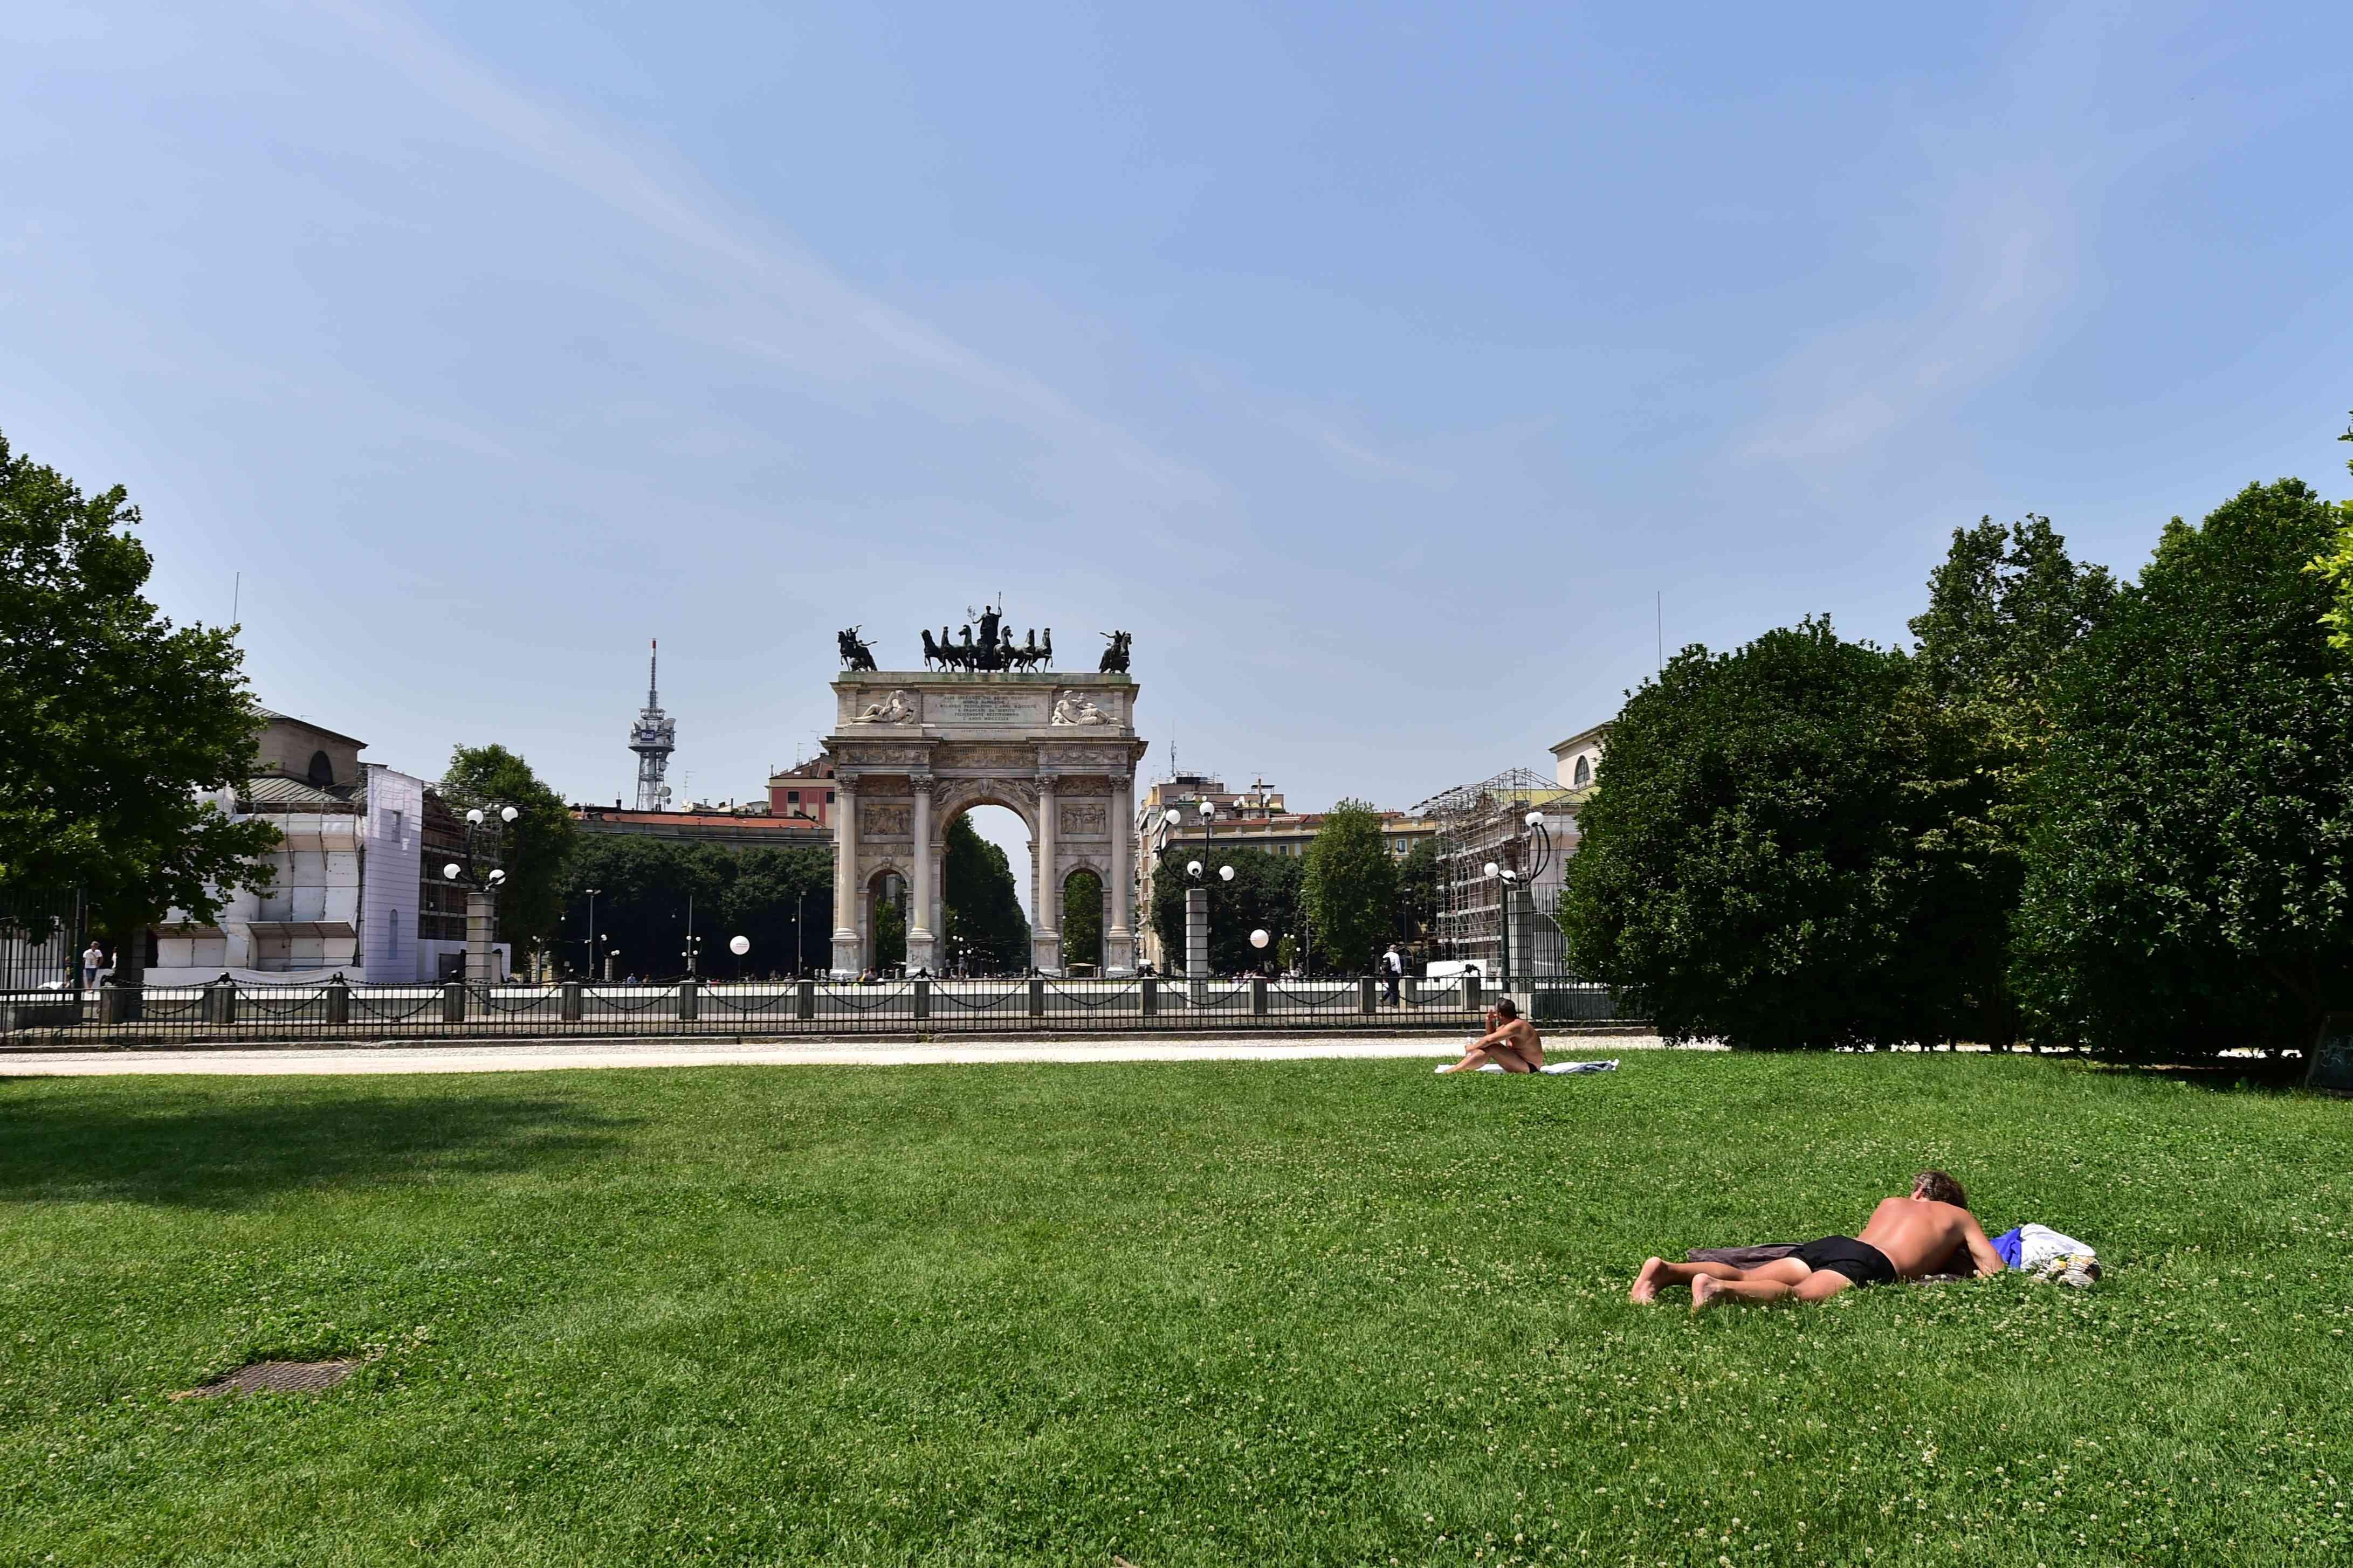 Sunbathing on a hot day in Milan